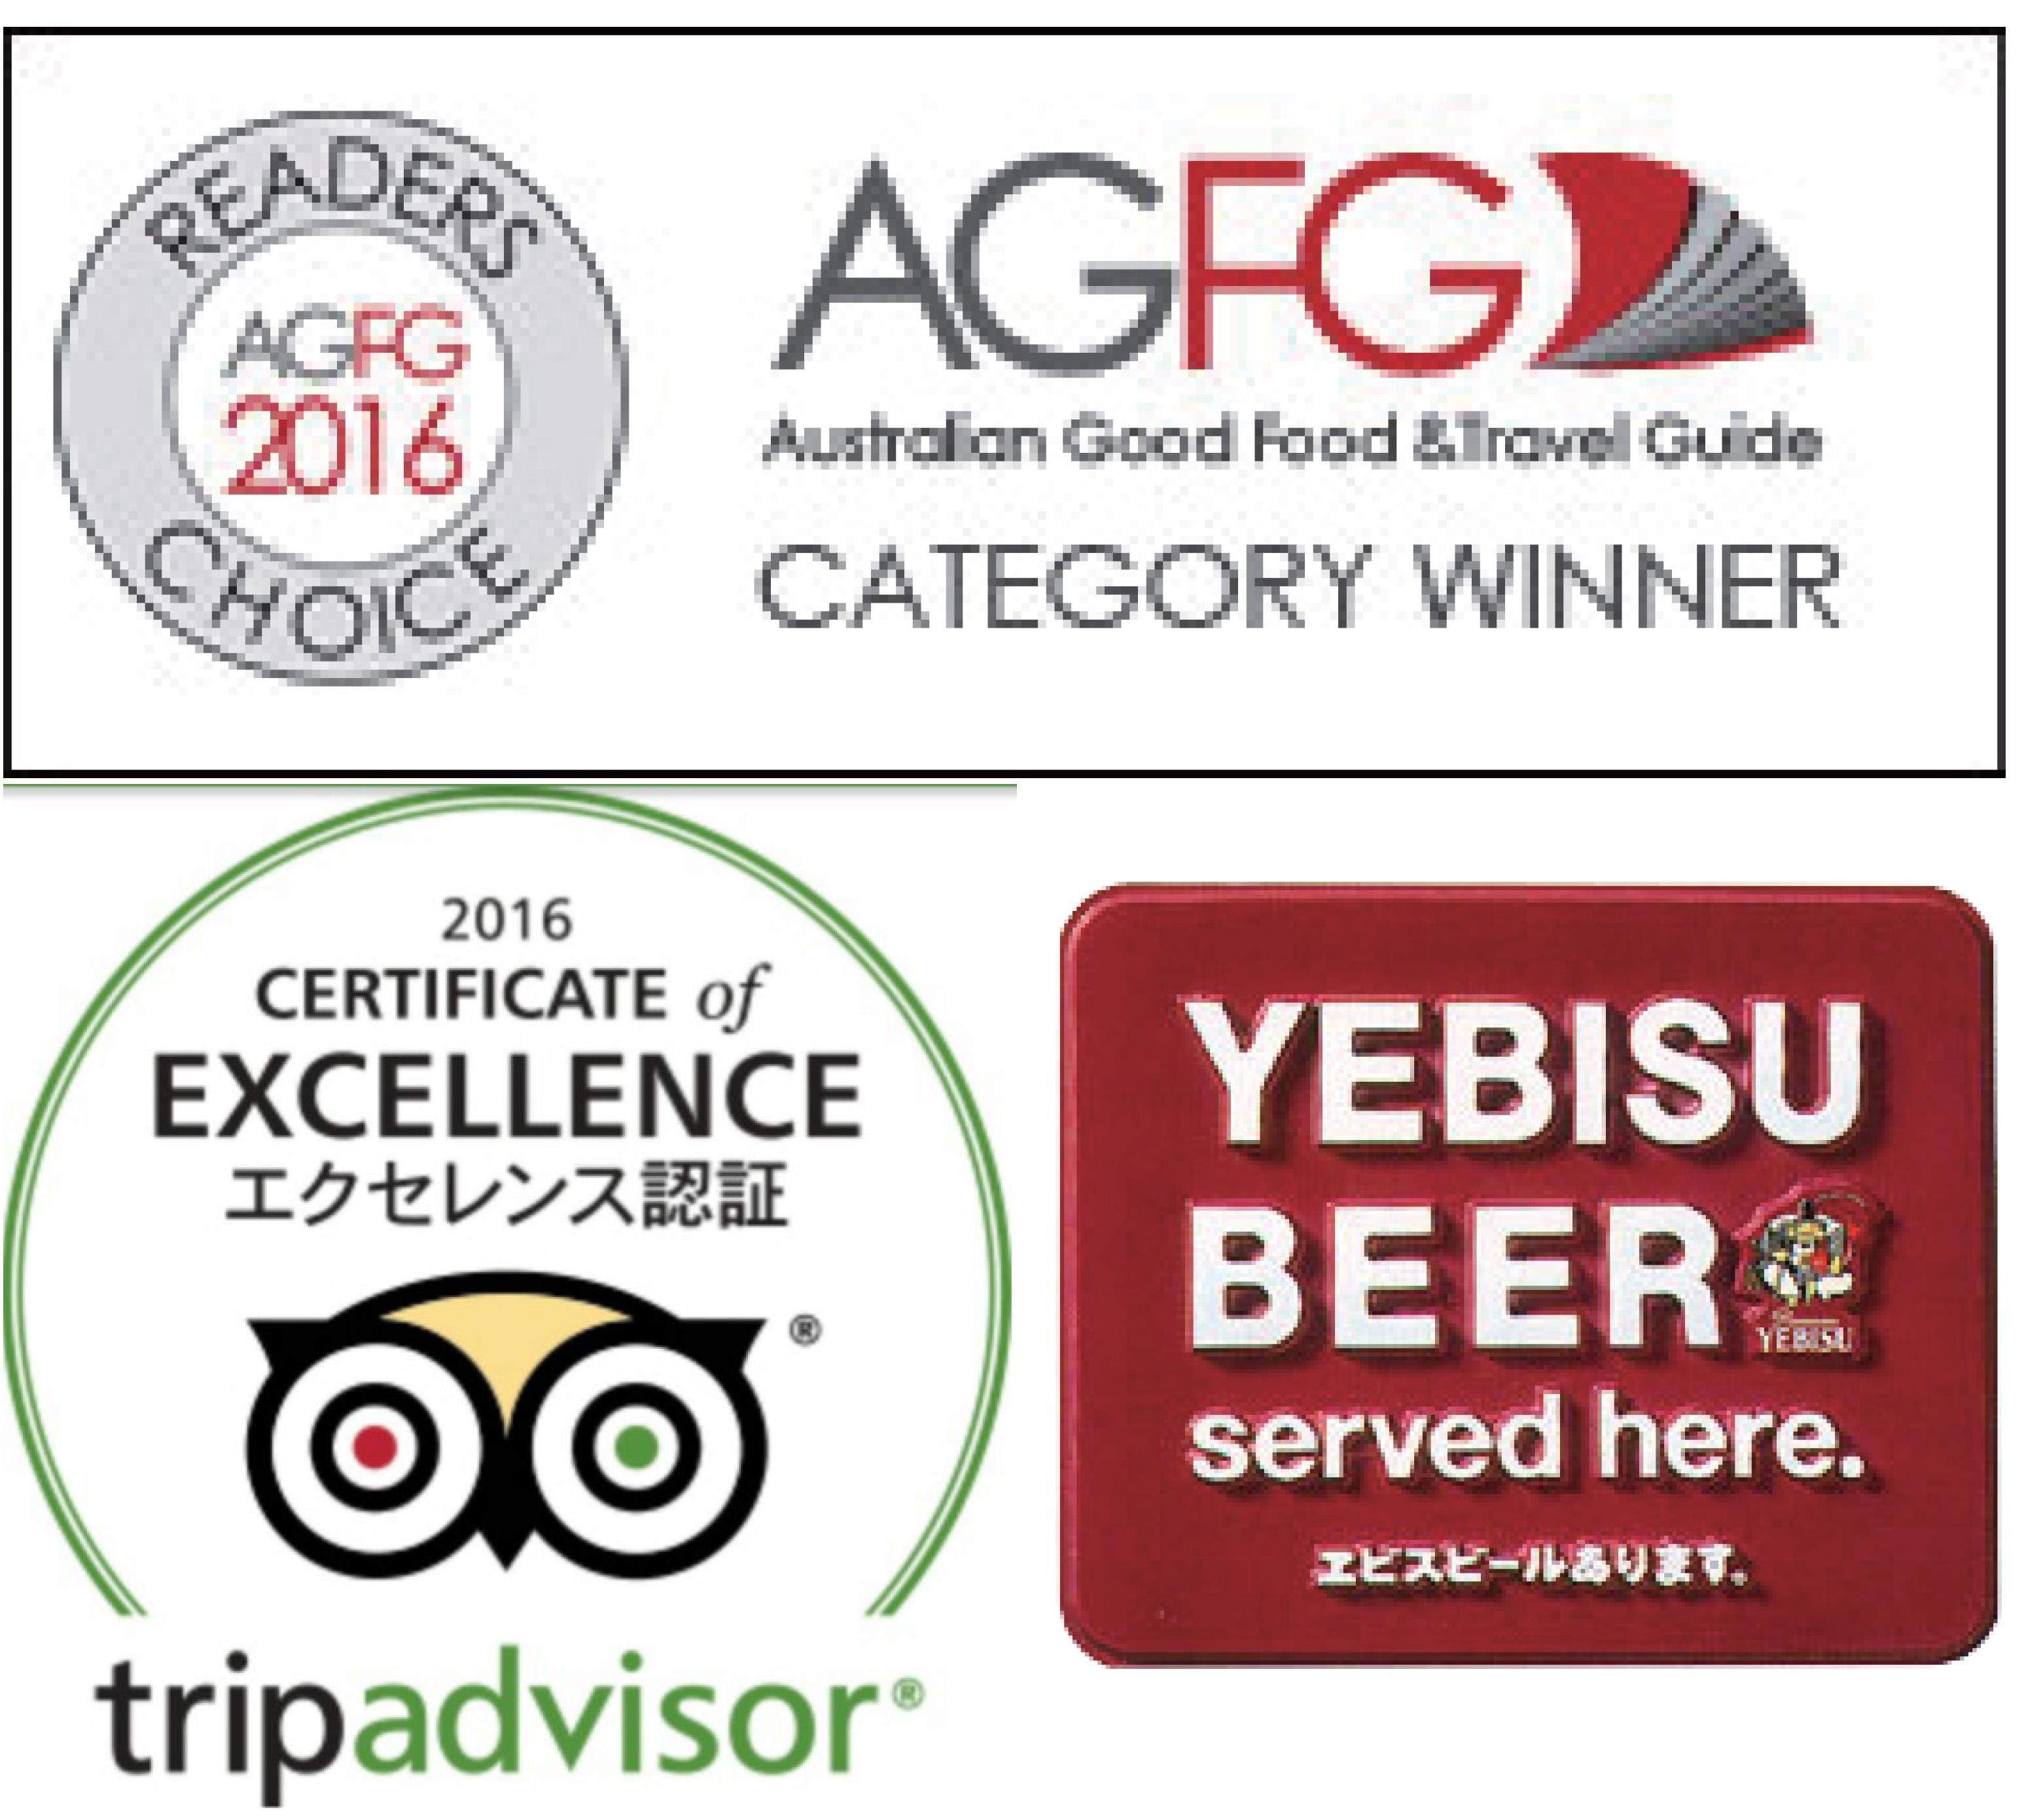 <p>ケアンズで随一の品揃えを誇る日本食レストランとして、日本人だけでなく地元オージーや世界中の旅行者たちからも支持されています。</p>